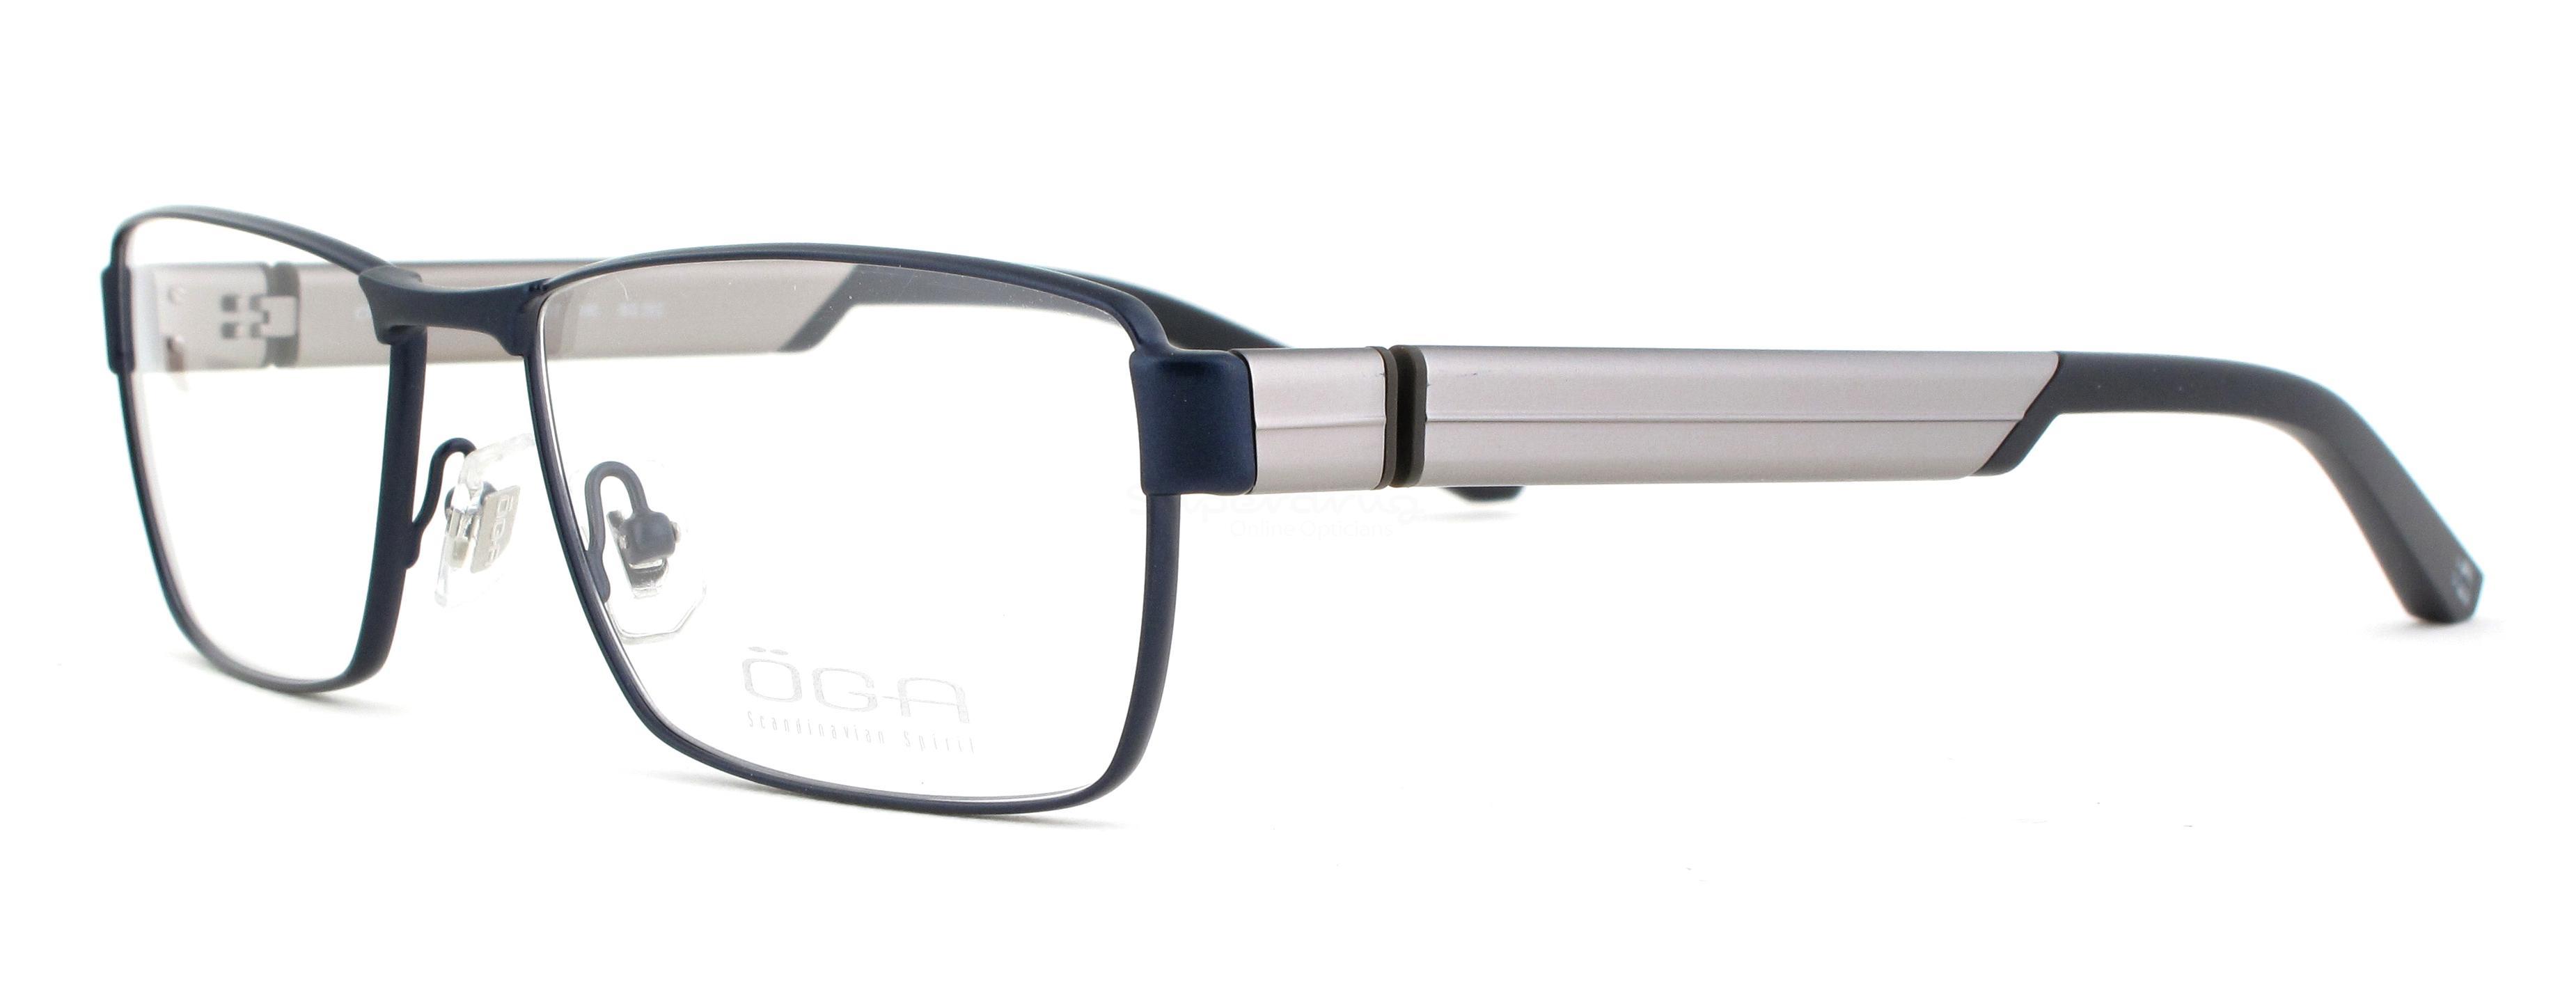 BG082 7656O AVLANG 2 Glasses, ÖGA Scandinavian Spirit